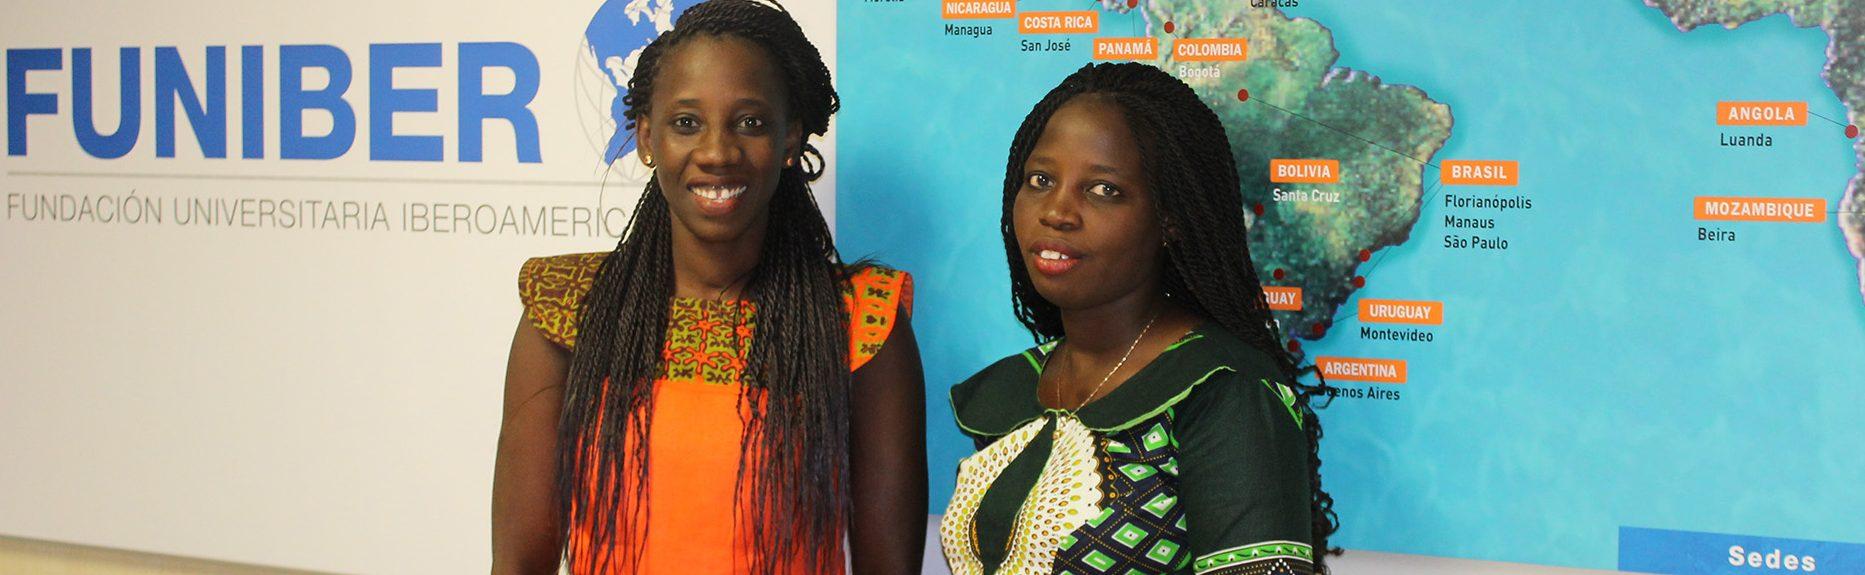 Miembros de FUNIBER Senegal visitan la sede de FUNIBER en España